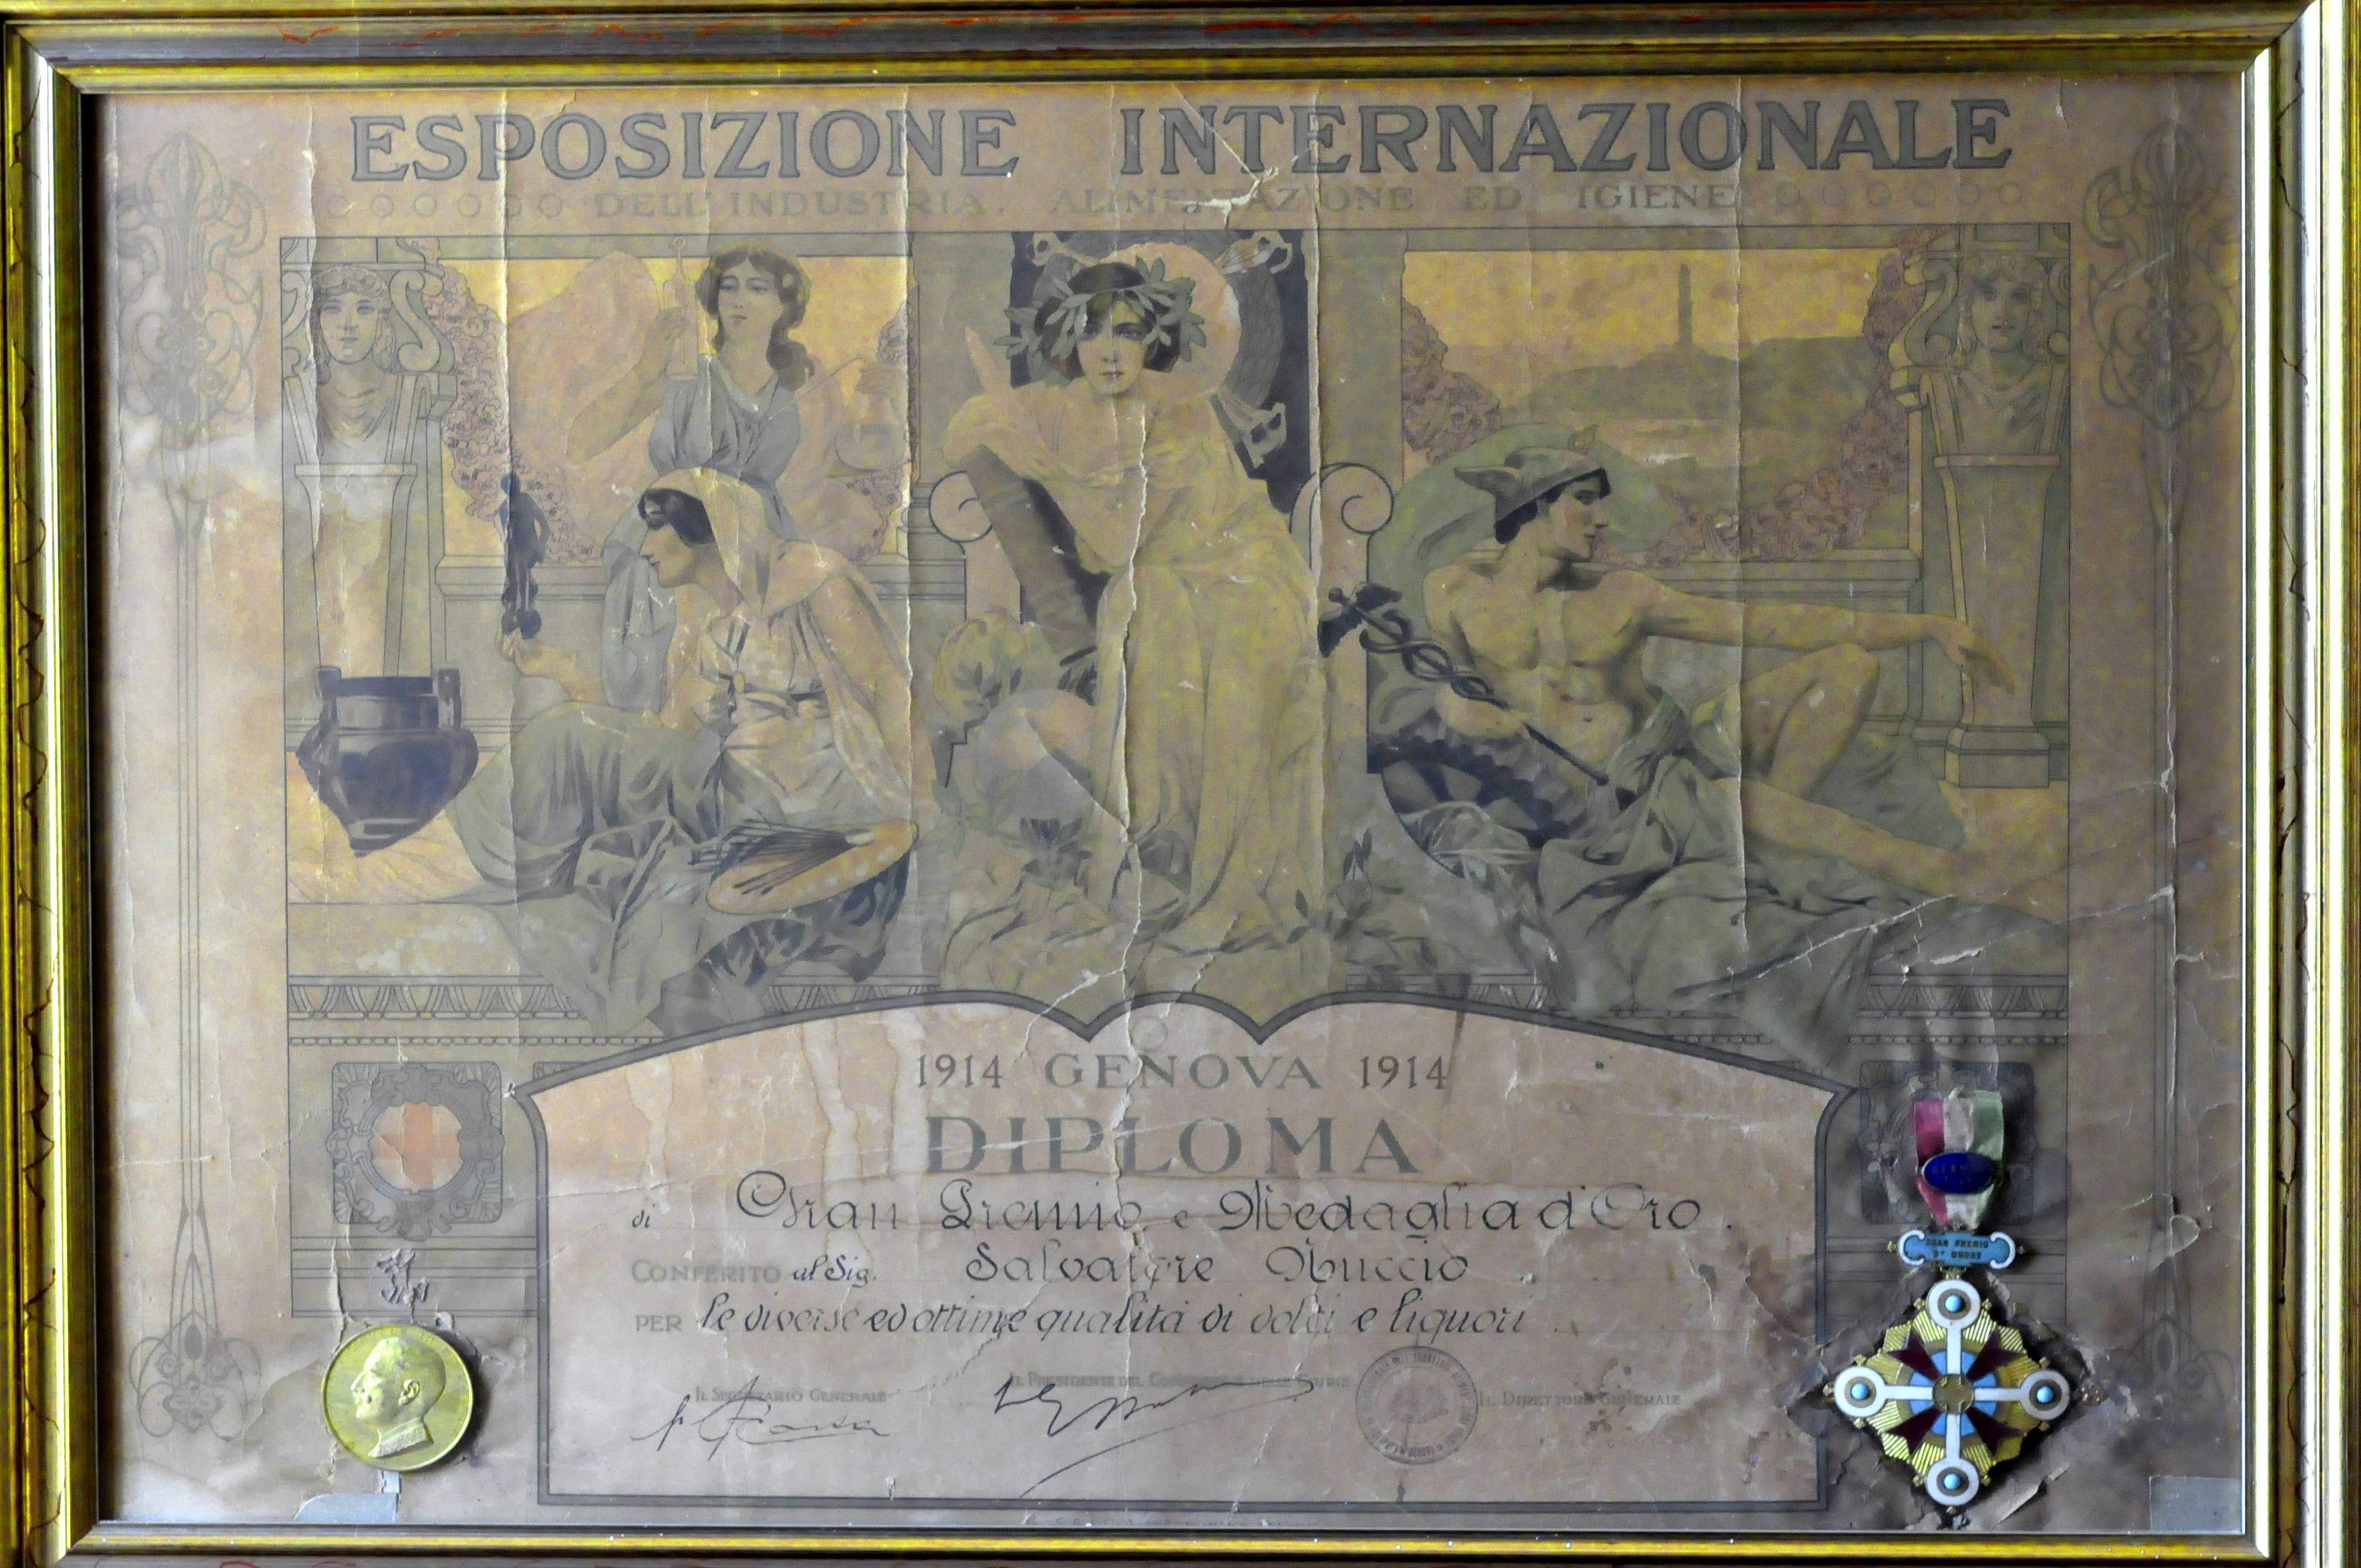 esposizione internazionale